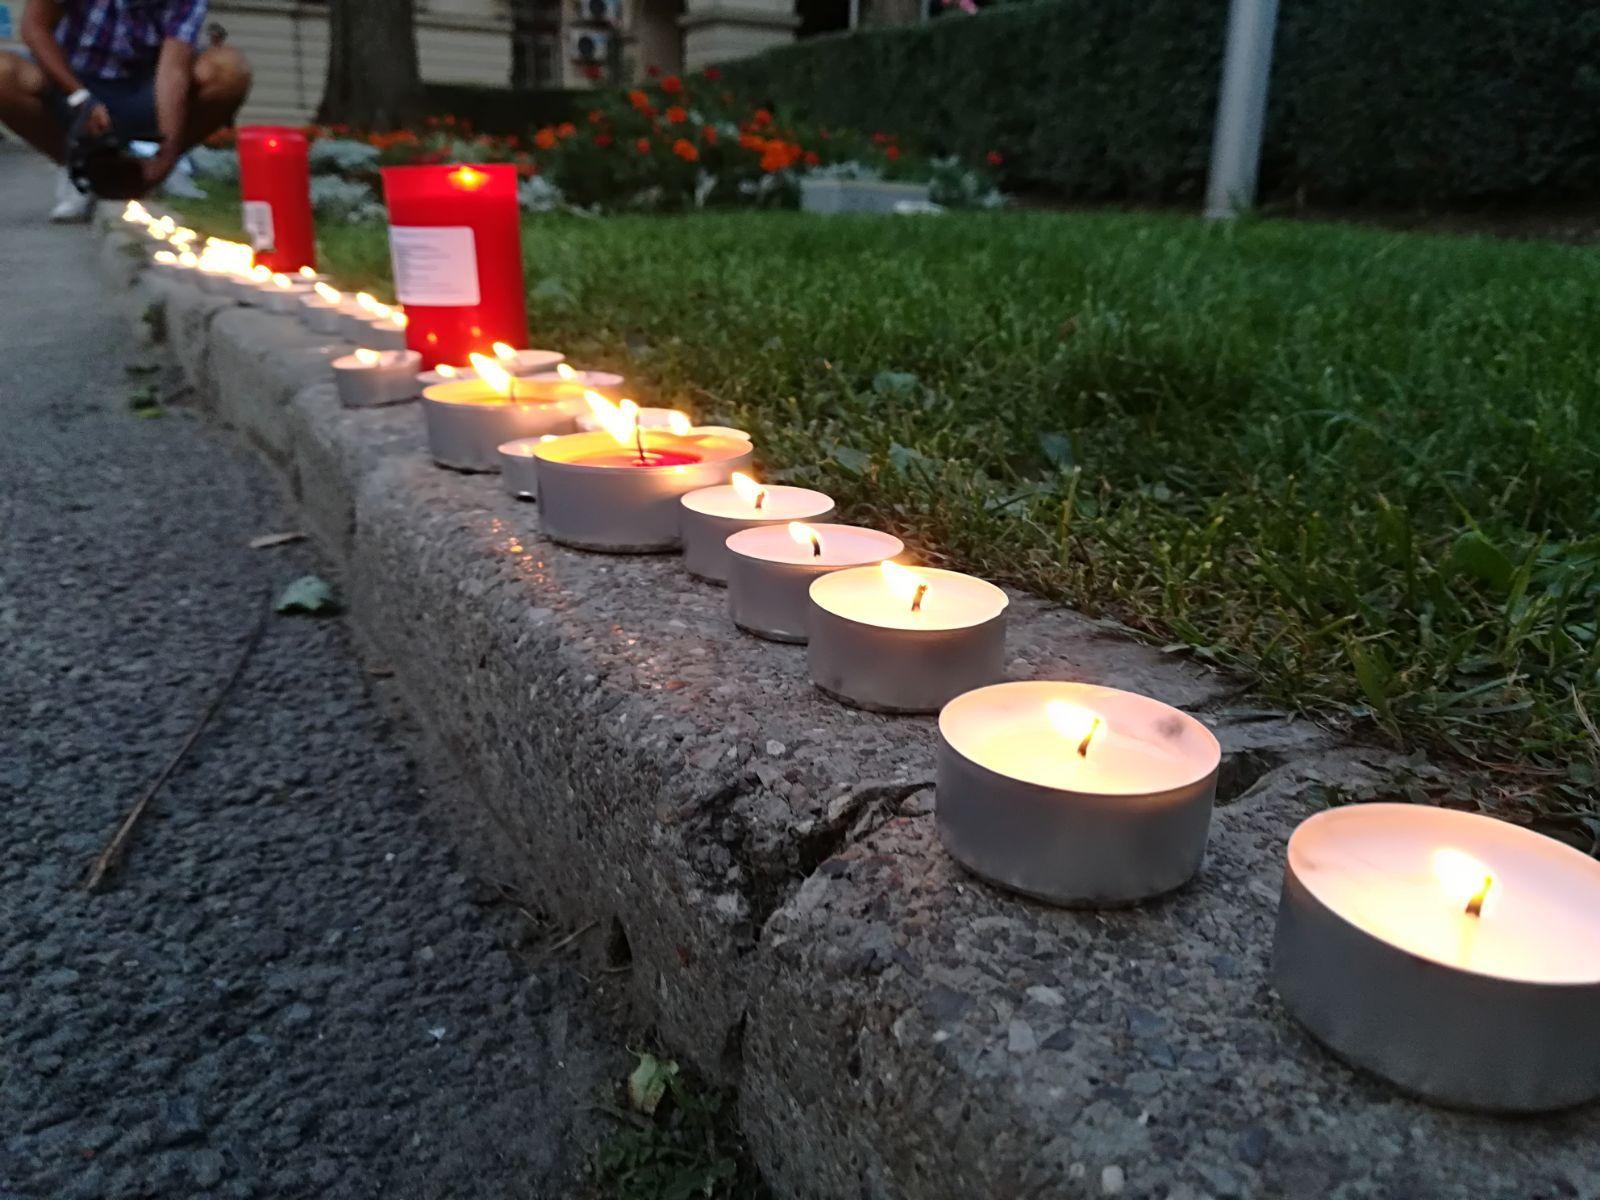 FOTO | Omagiu pentru victimele atacului din Barcelona, la Iaşi: Zeci de oameni au aprins lumânări în semn de solidaritate